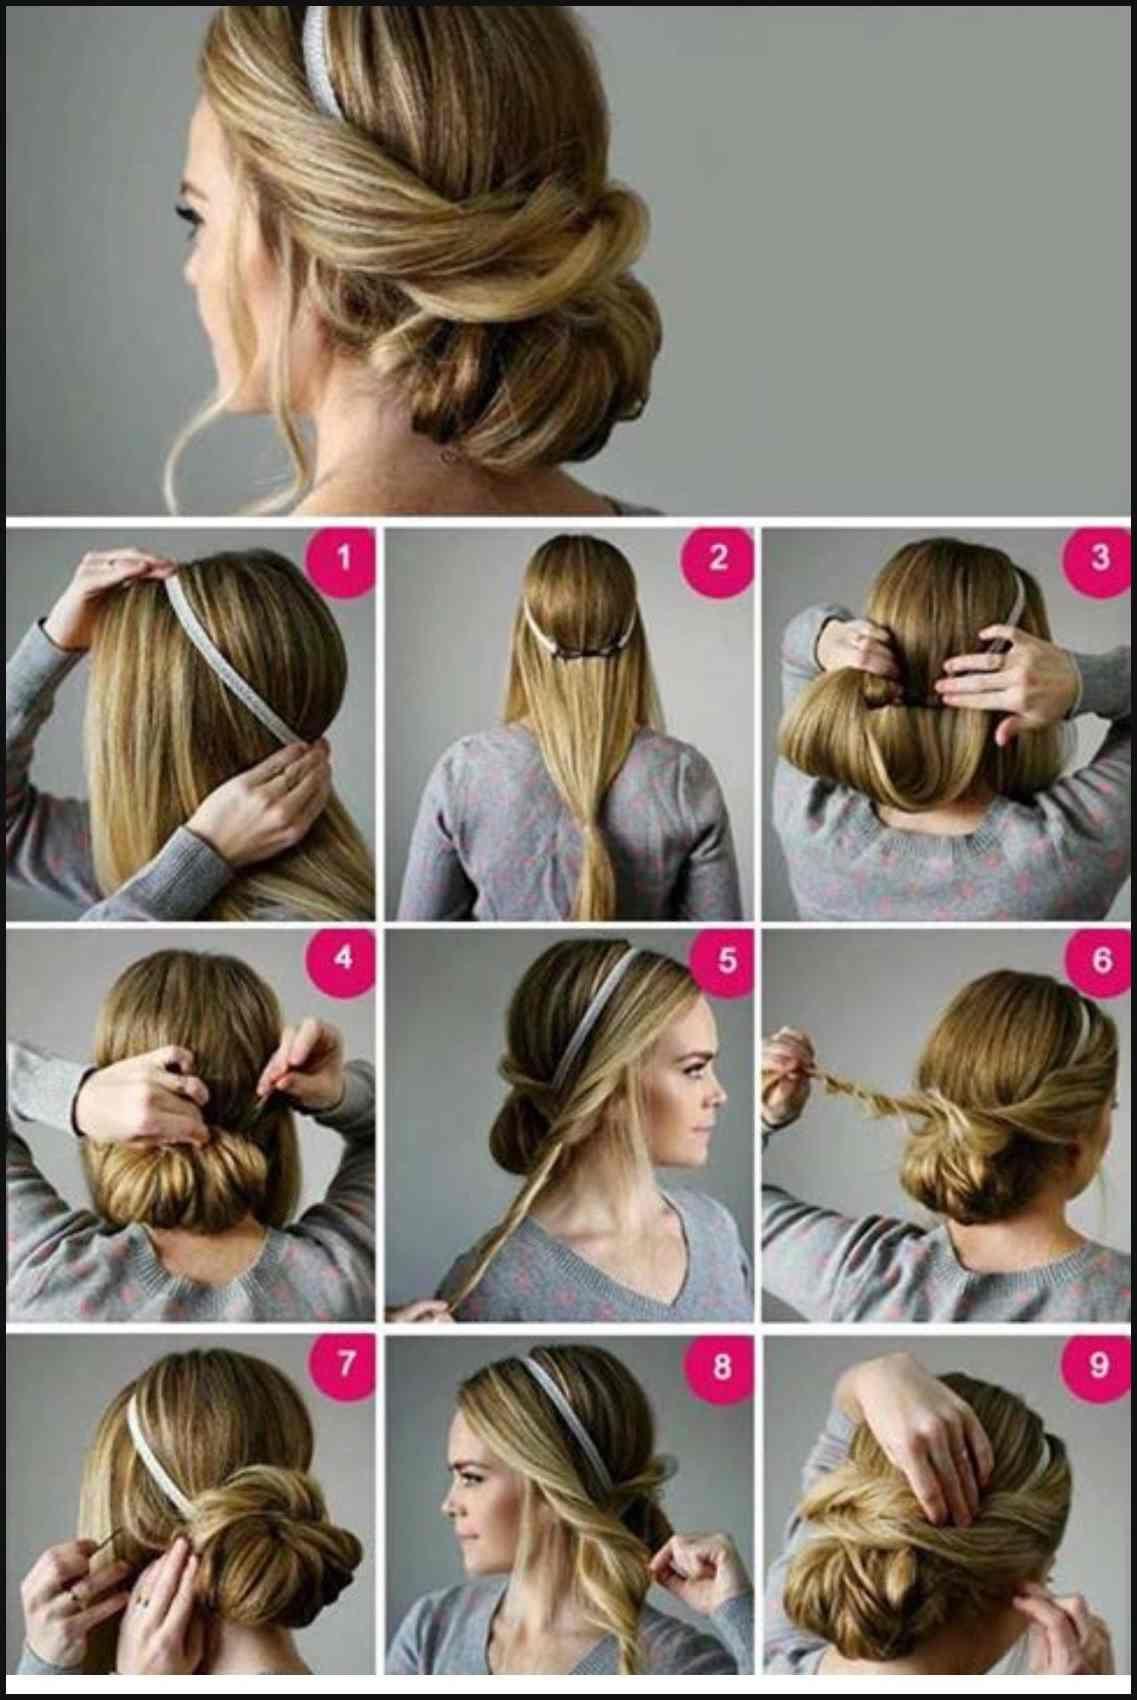 Pin Von Christina Lienard Bires Auf Hair Flair Pinterest Frisur Einfache Frisuren Long Hair Styles Hair Styles Medium Hair Styles